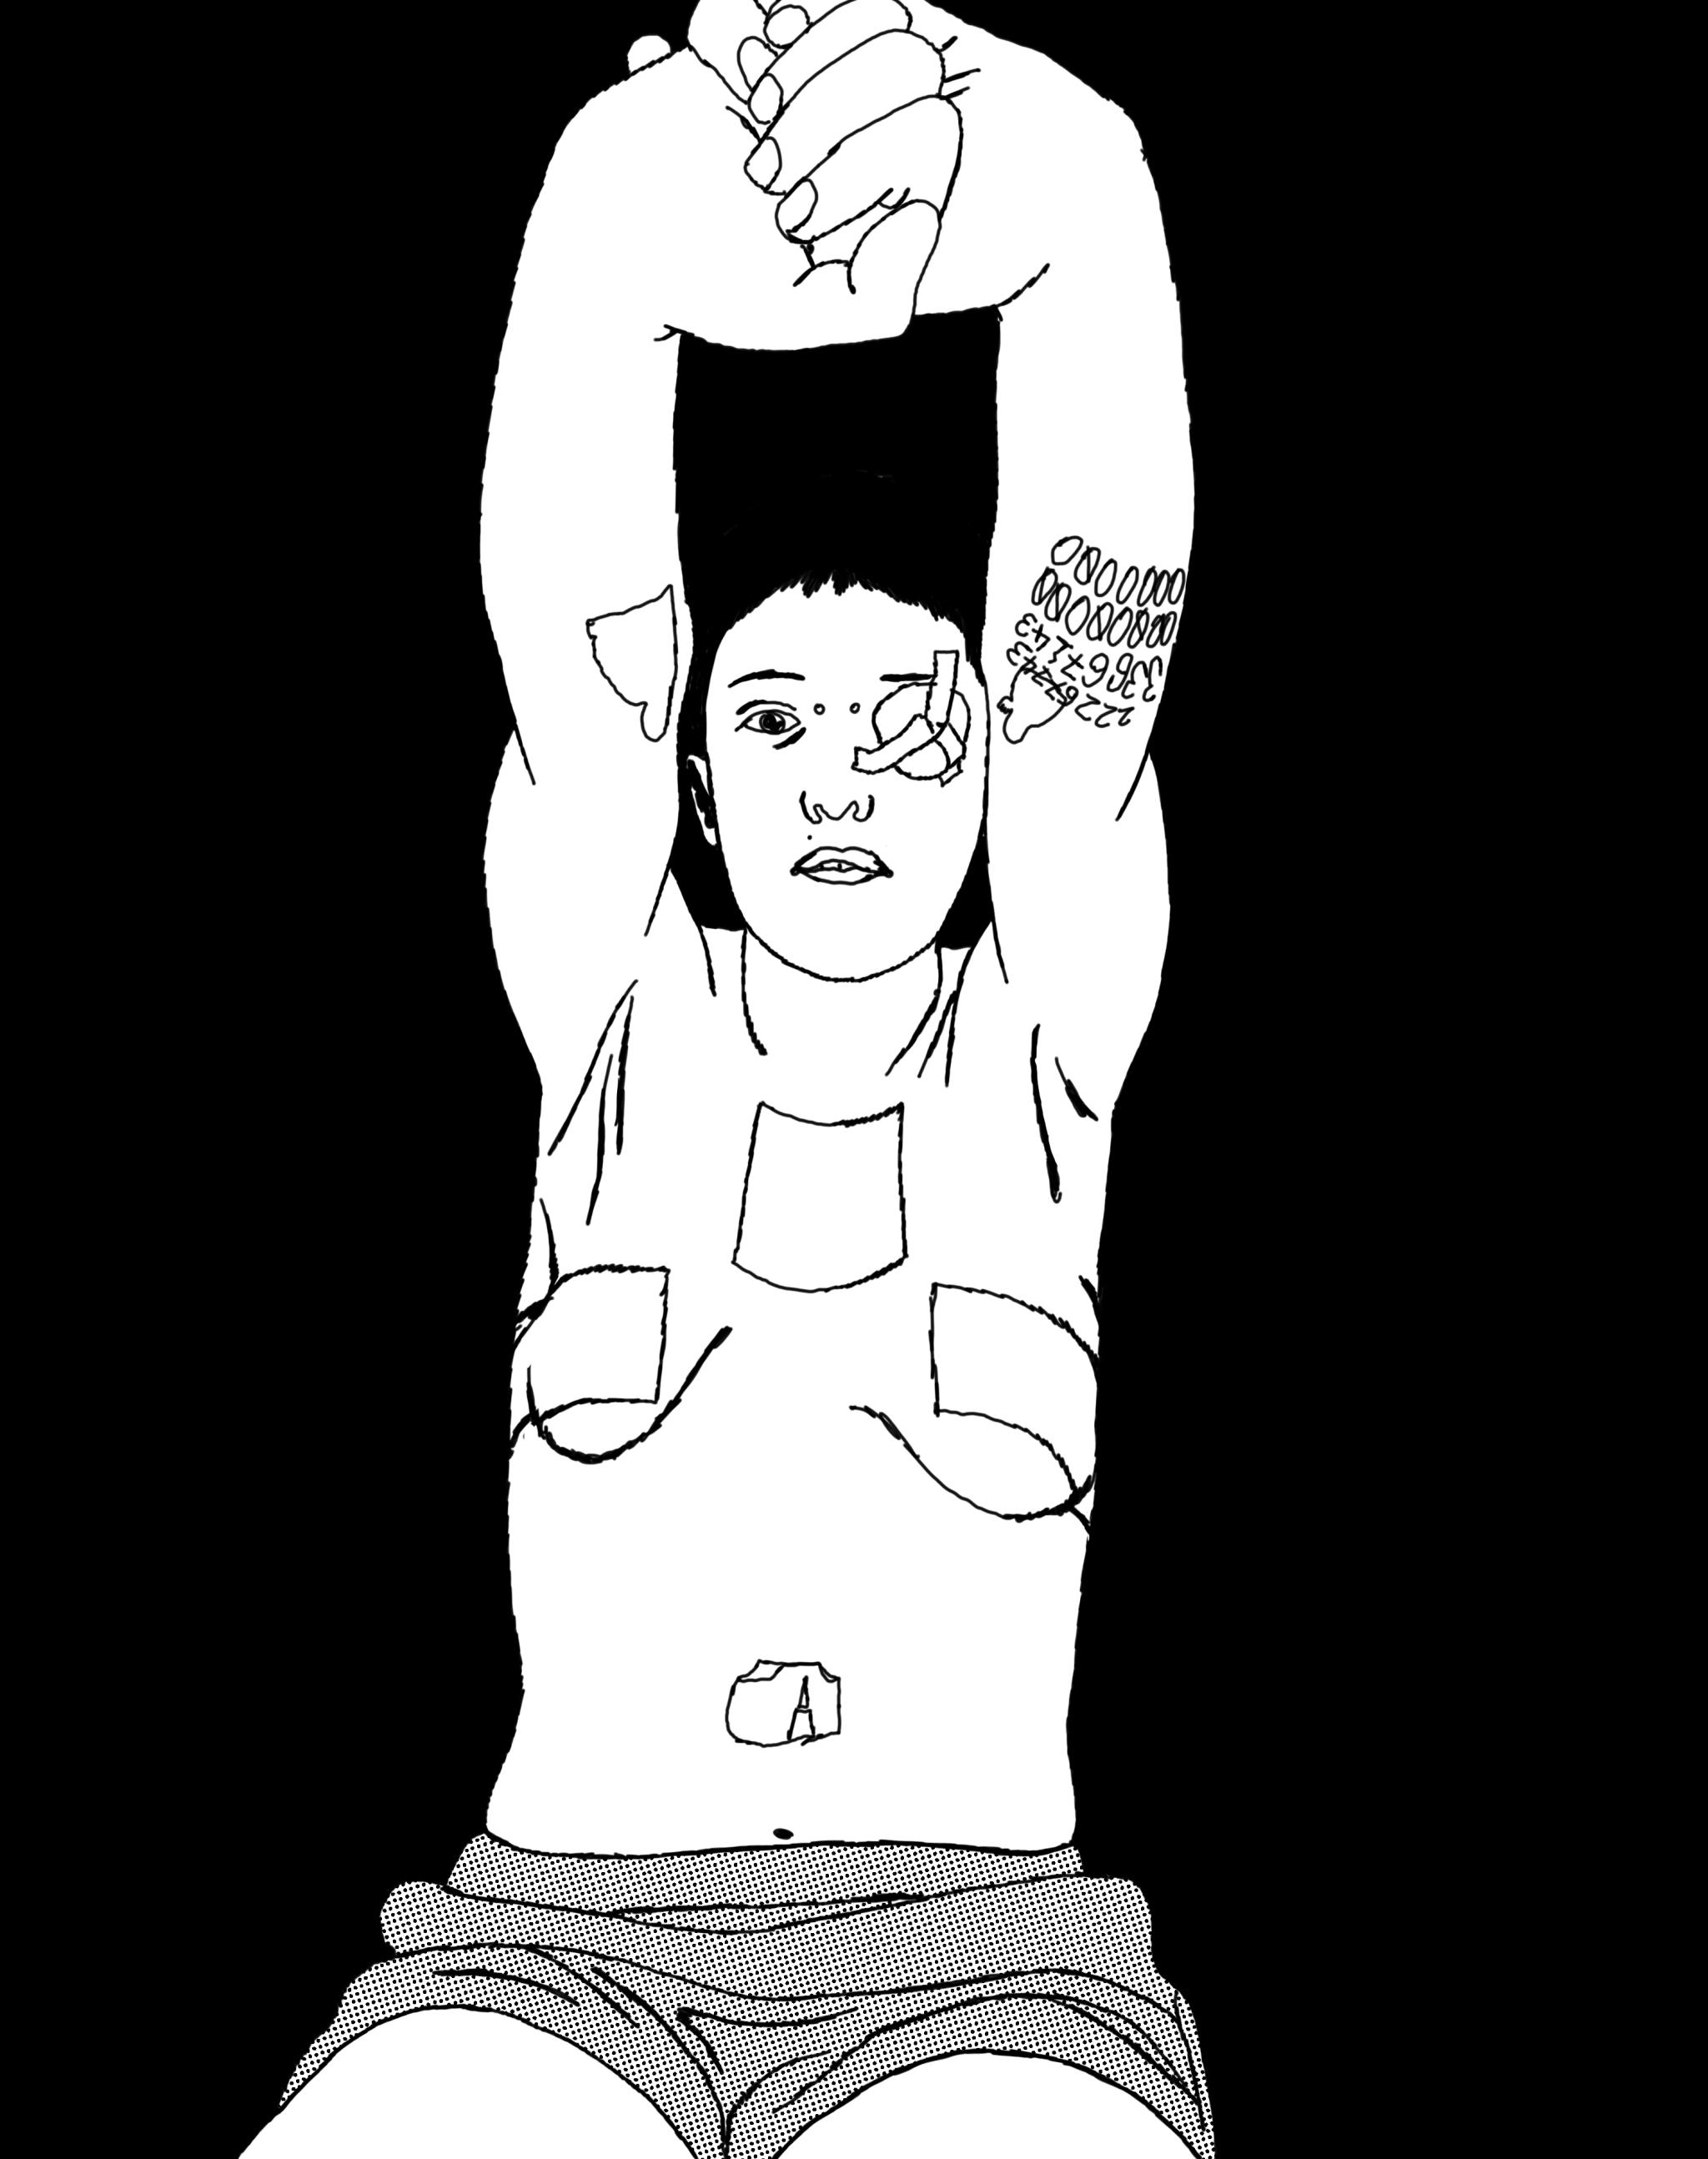 Imagem com ilustração de Ivo Puiupo. Uma mulher estirando os braços, sem camisa contendo esparadrapos nos seios.